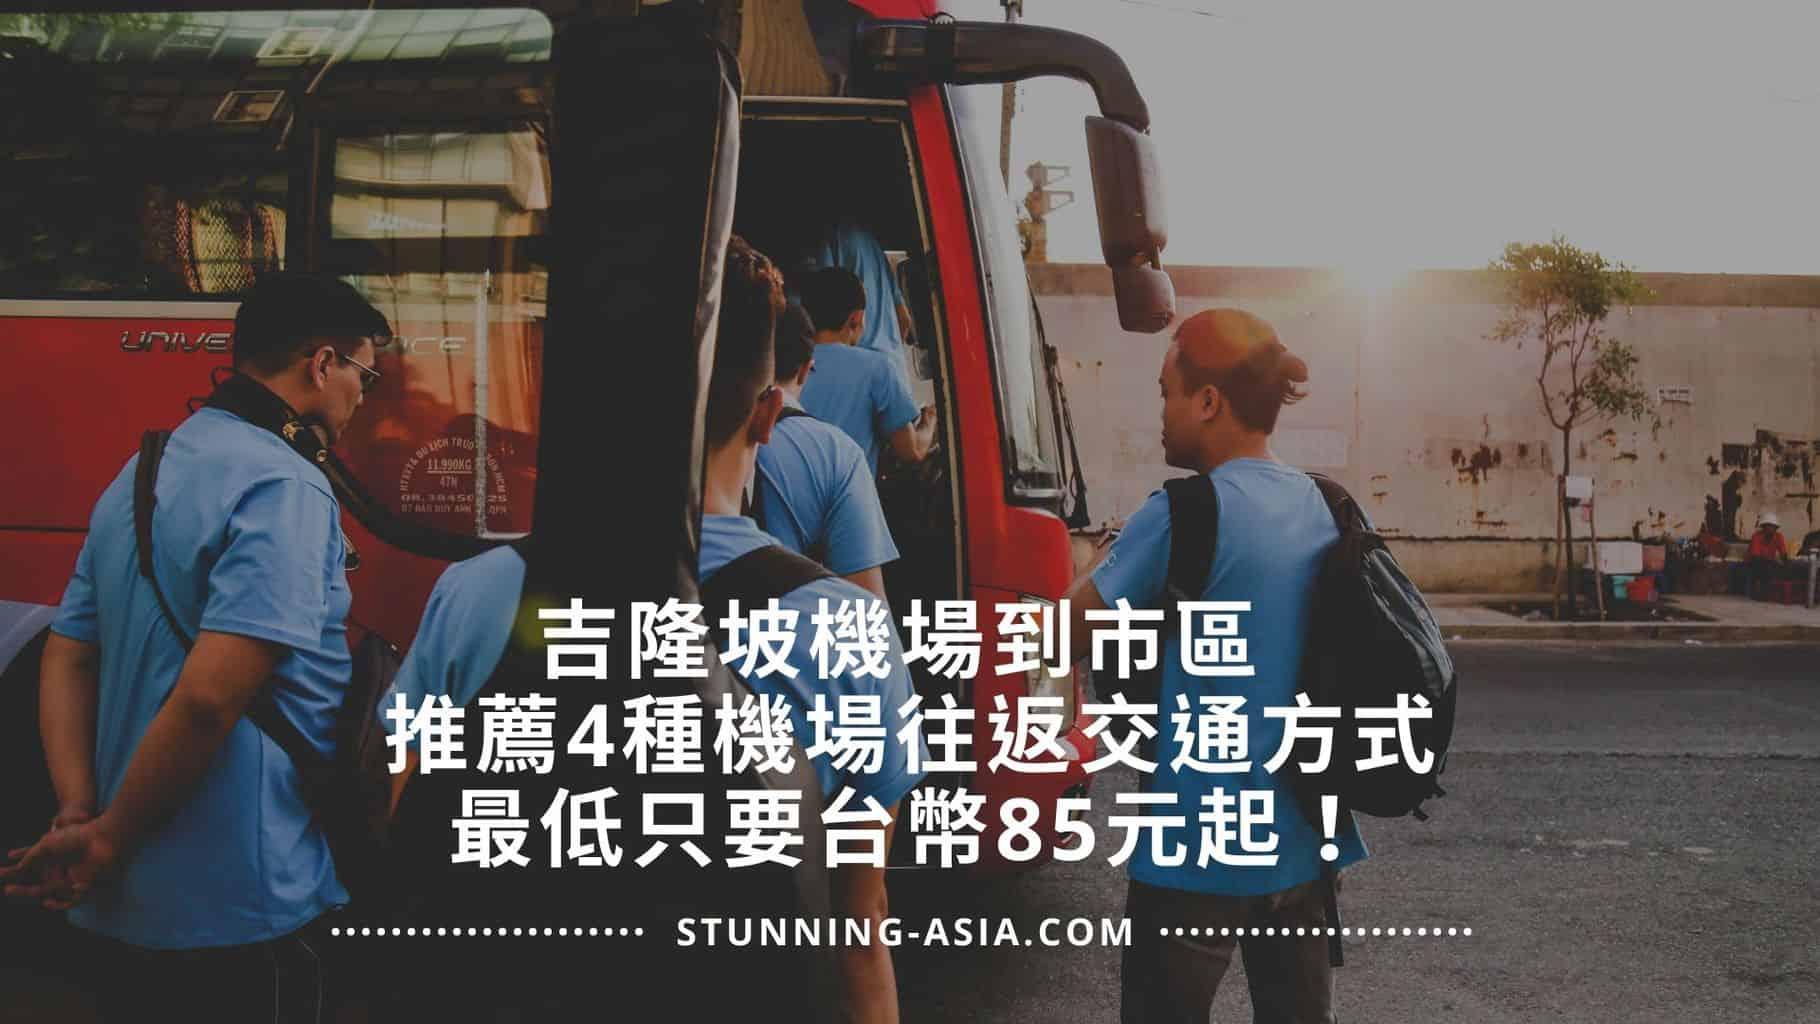 吉隆坡機場到市區 |推薦4種機場往返交通方式,最低只要台幣85元起!